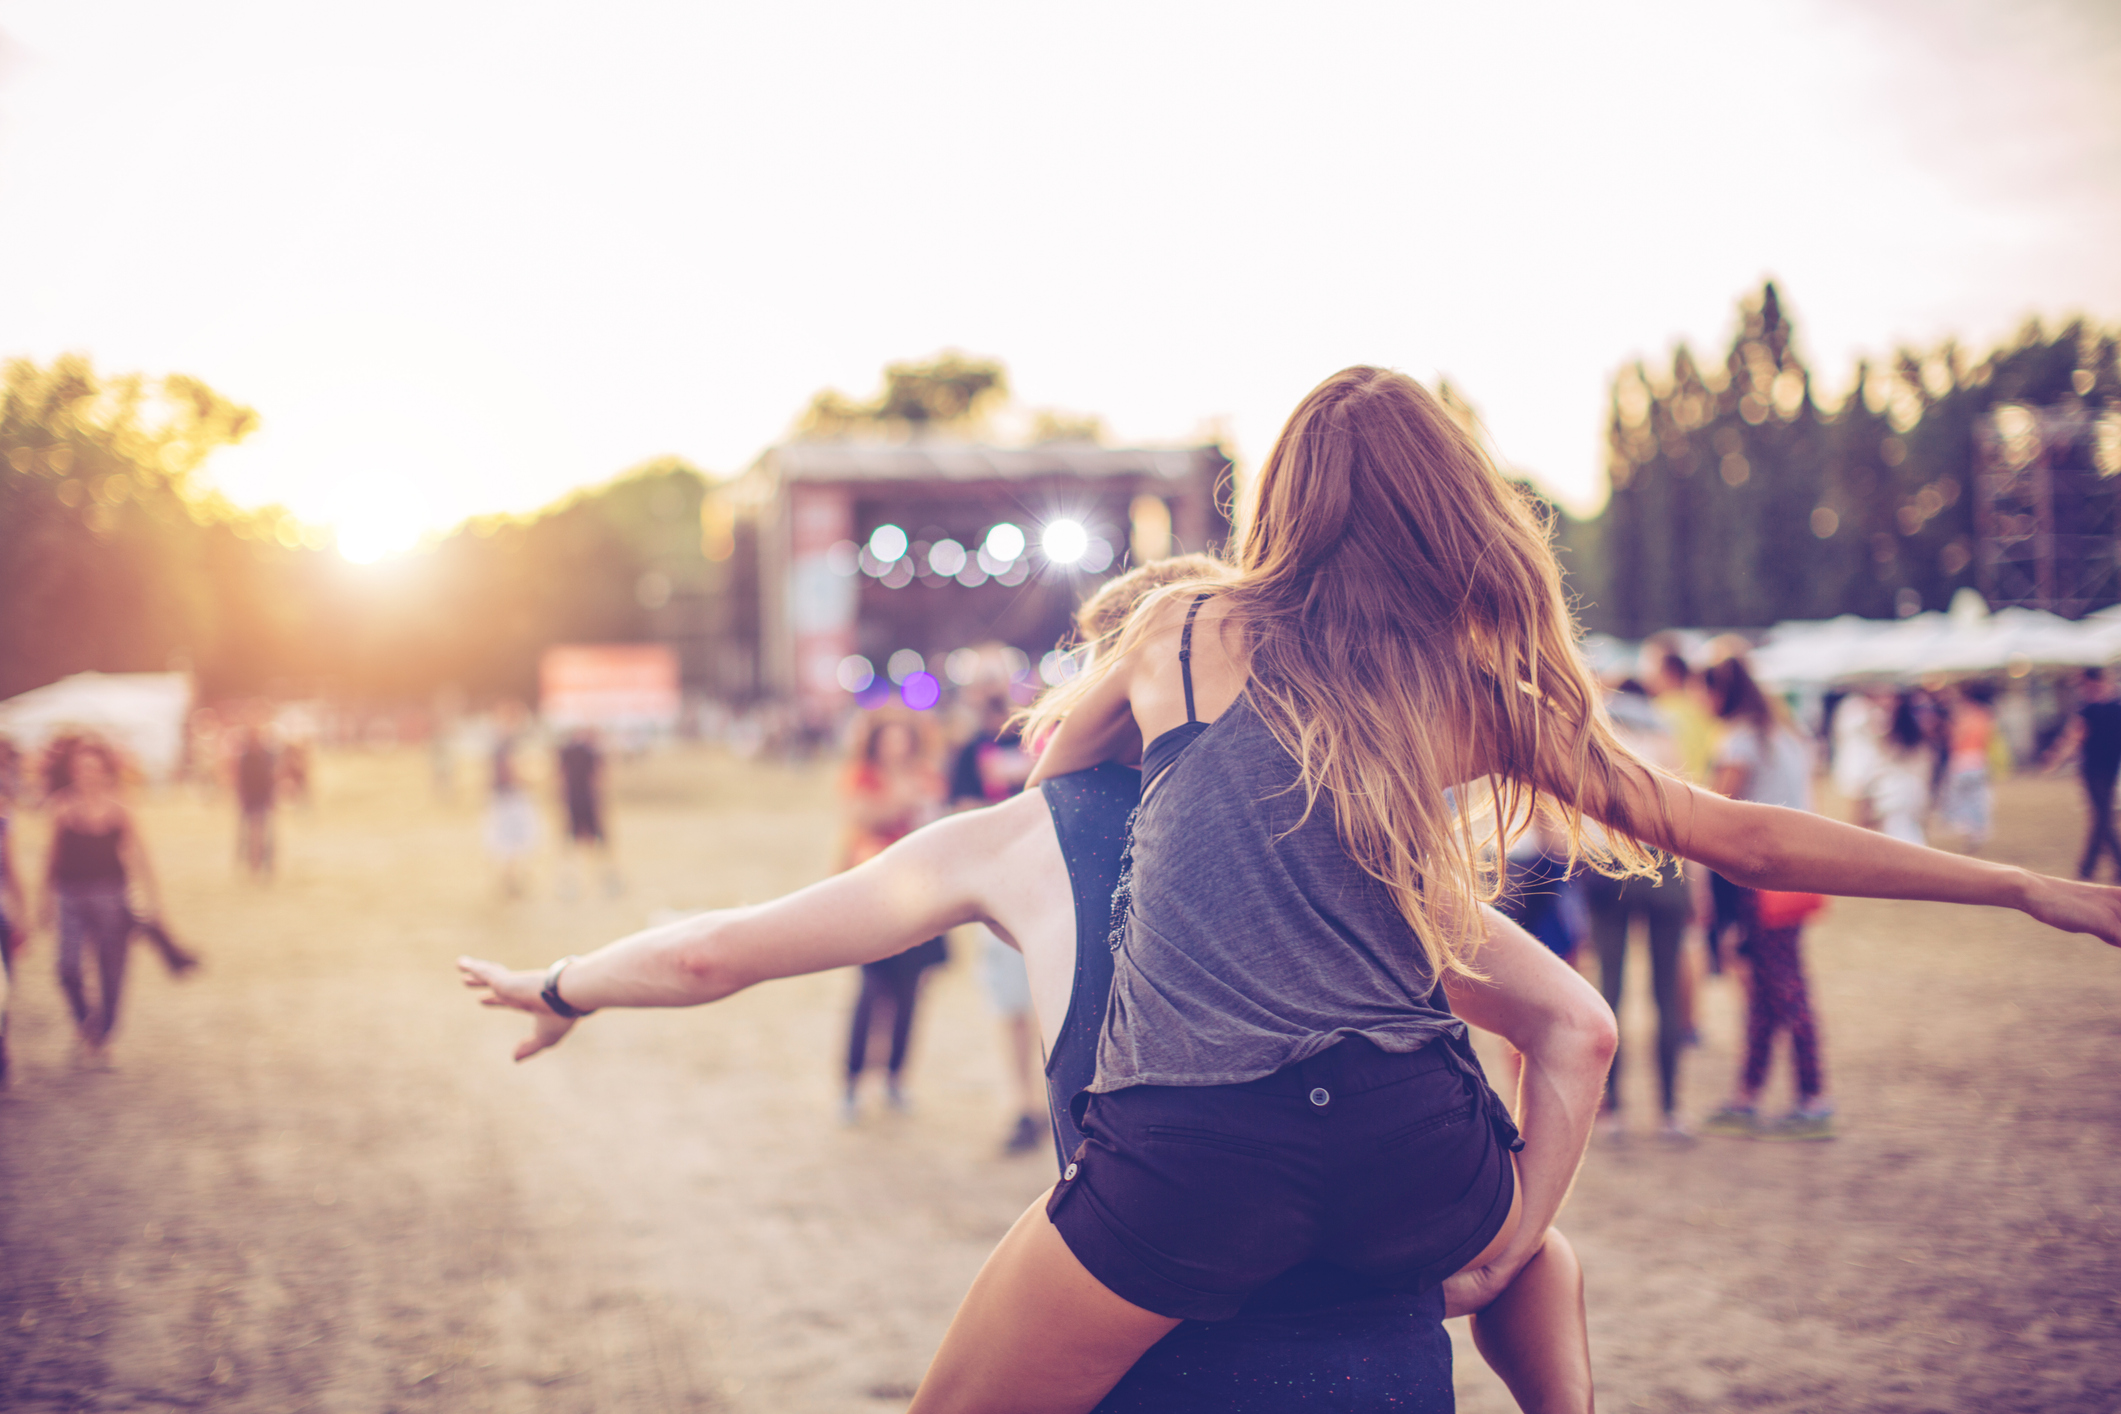 <p>Риби</p>  <p>Артистичната ви натура ще се почувства невероятно на голям музикален фестивал. Неслучайно лятото е сезонът на концертите, като имате и голям избор от стилове и дестинации.</p>